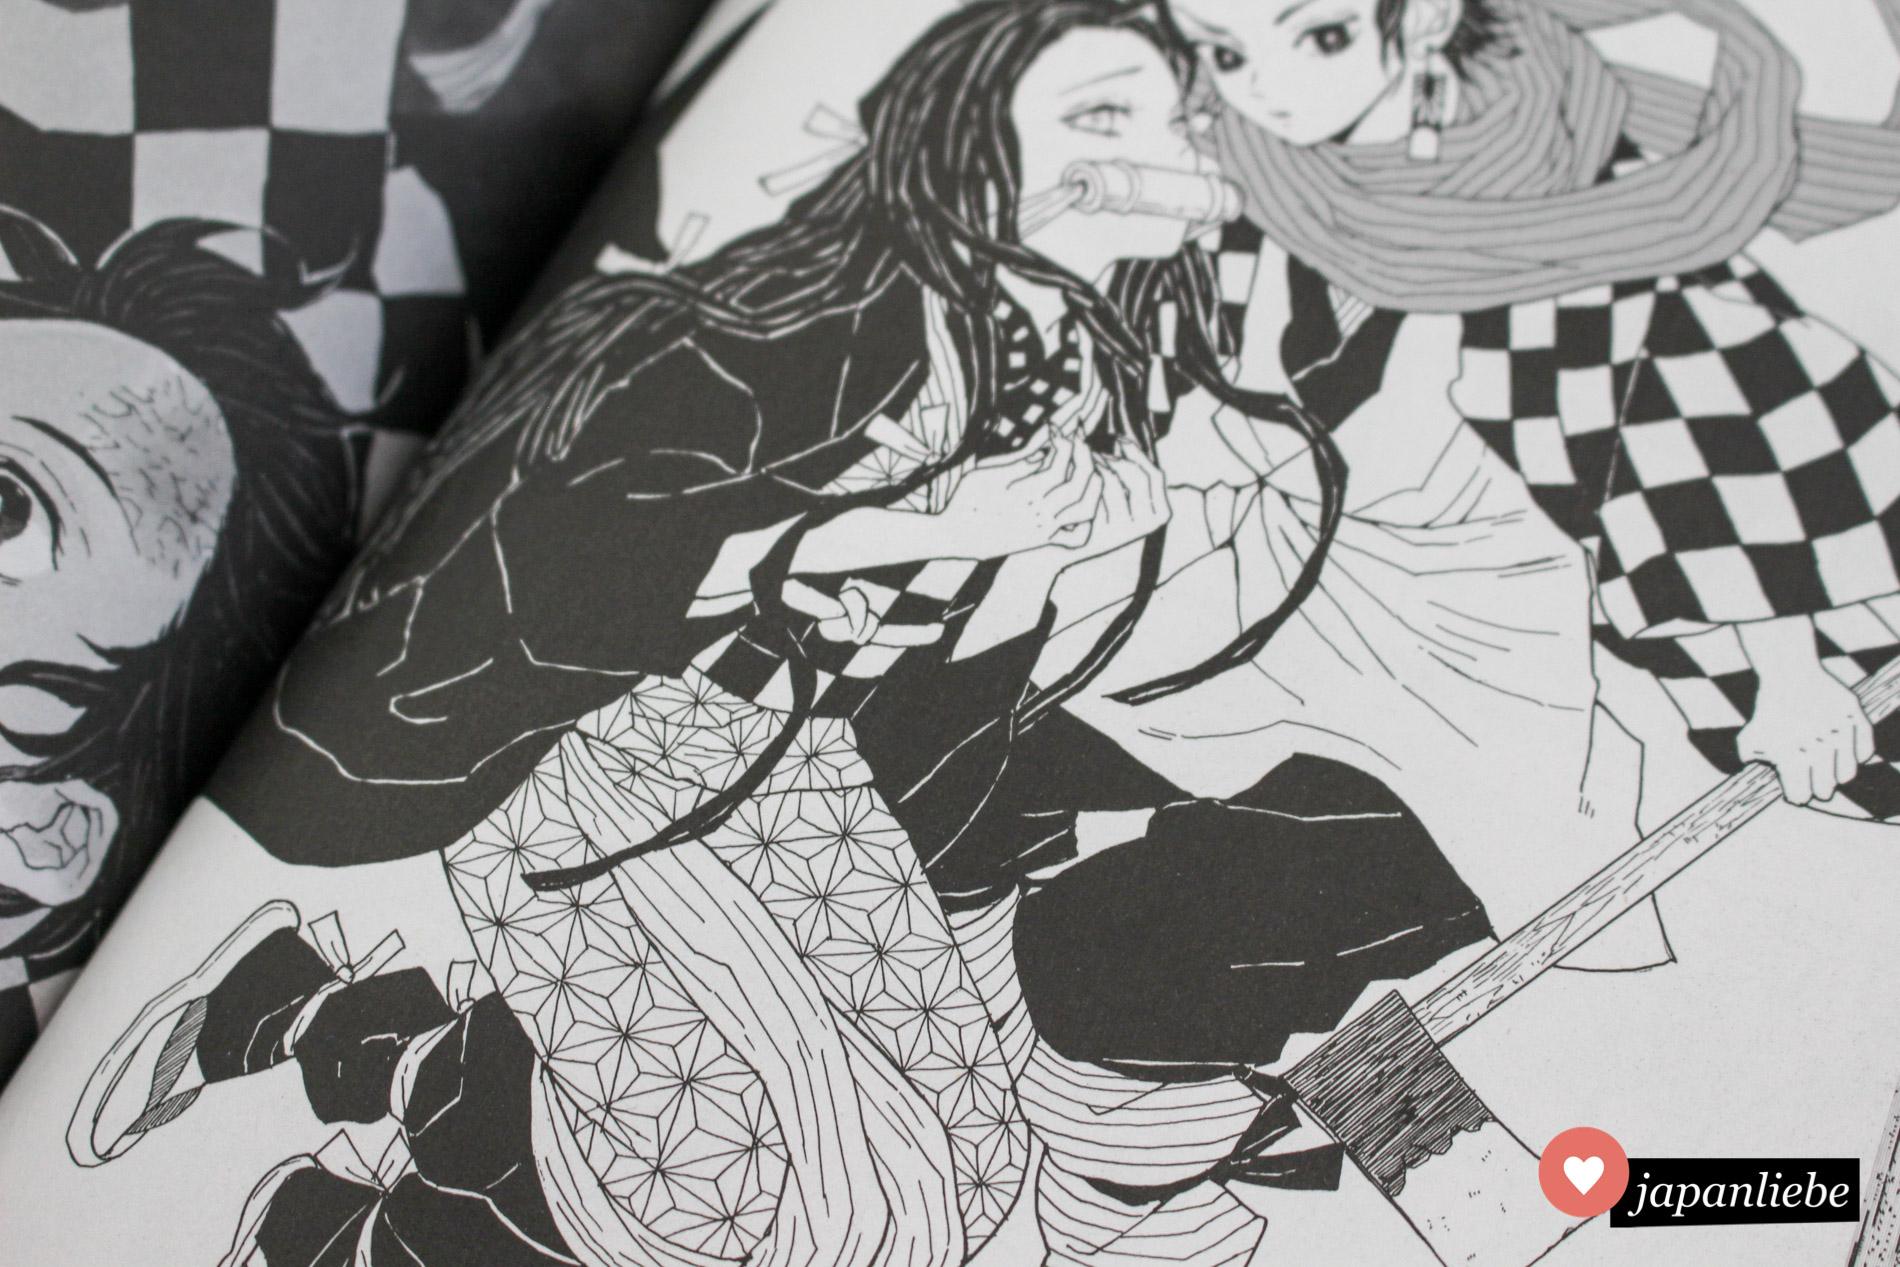 """Bei den Artworks kommen besonders viele Muster zum Einsatz. Hier am auffälligsten das """"asa no ha"""" – Hanfblüte."""